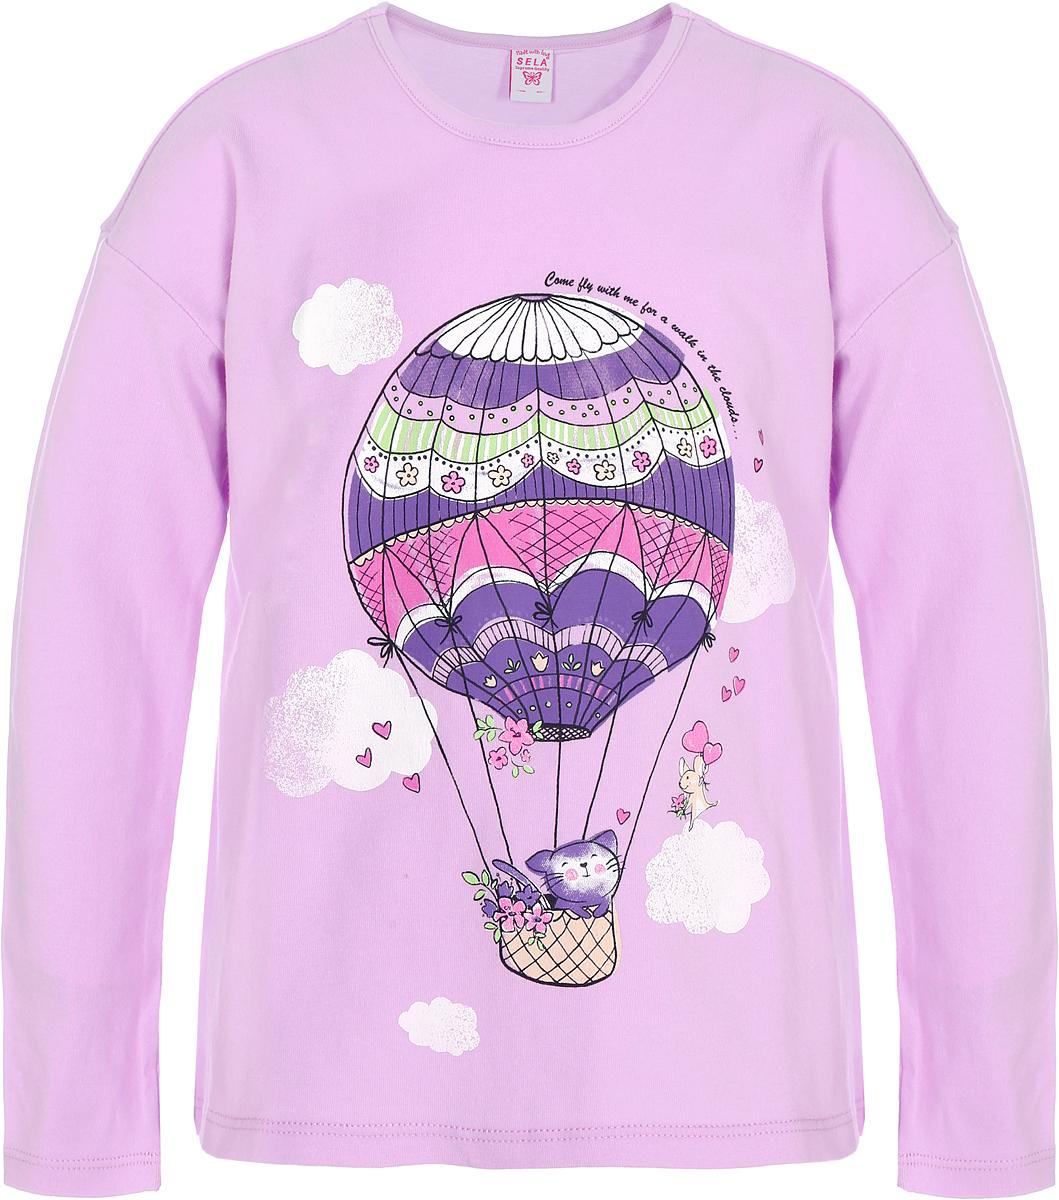 Джемпер для девочки Sela, цвет: розовый. T-511/463-8112. Размер 116